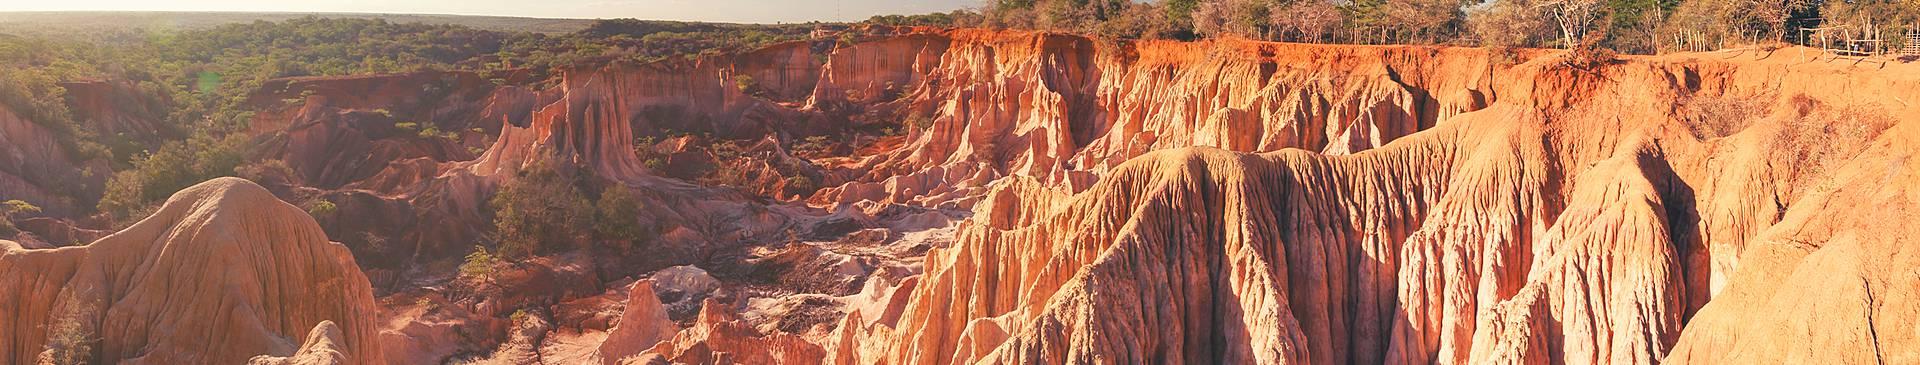 Desert tours in Kenya